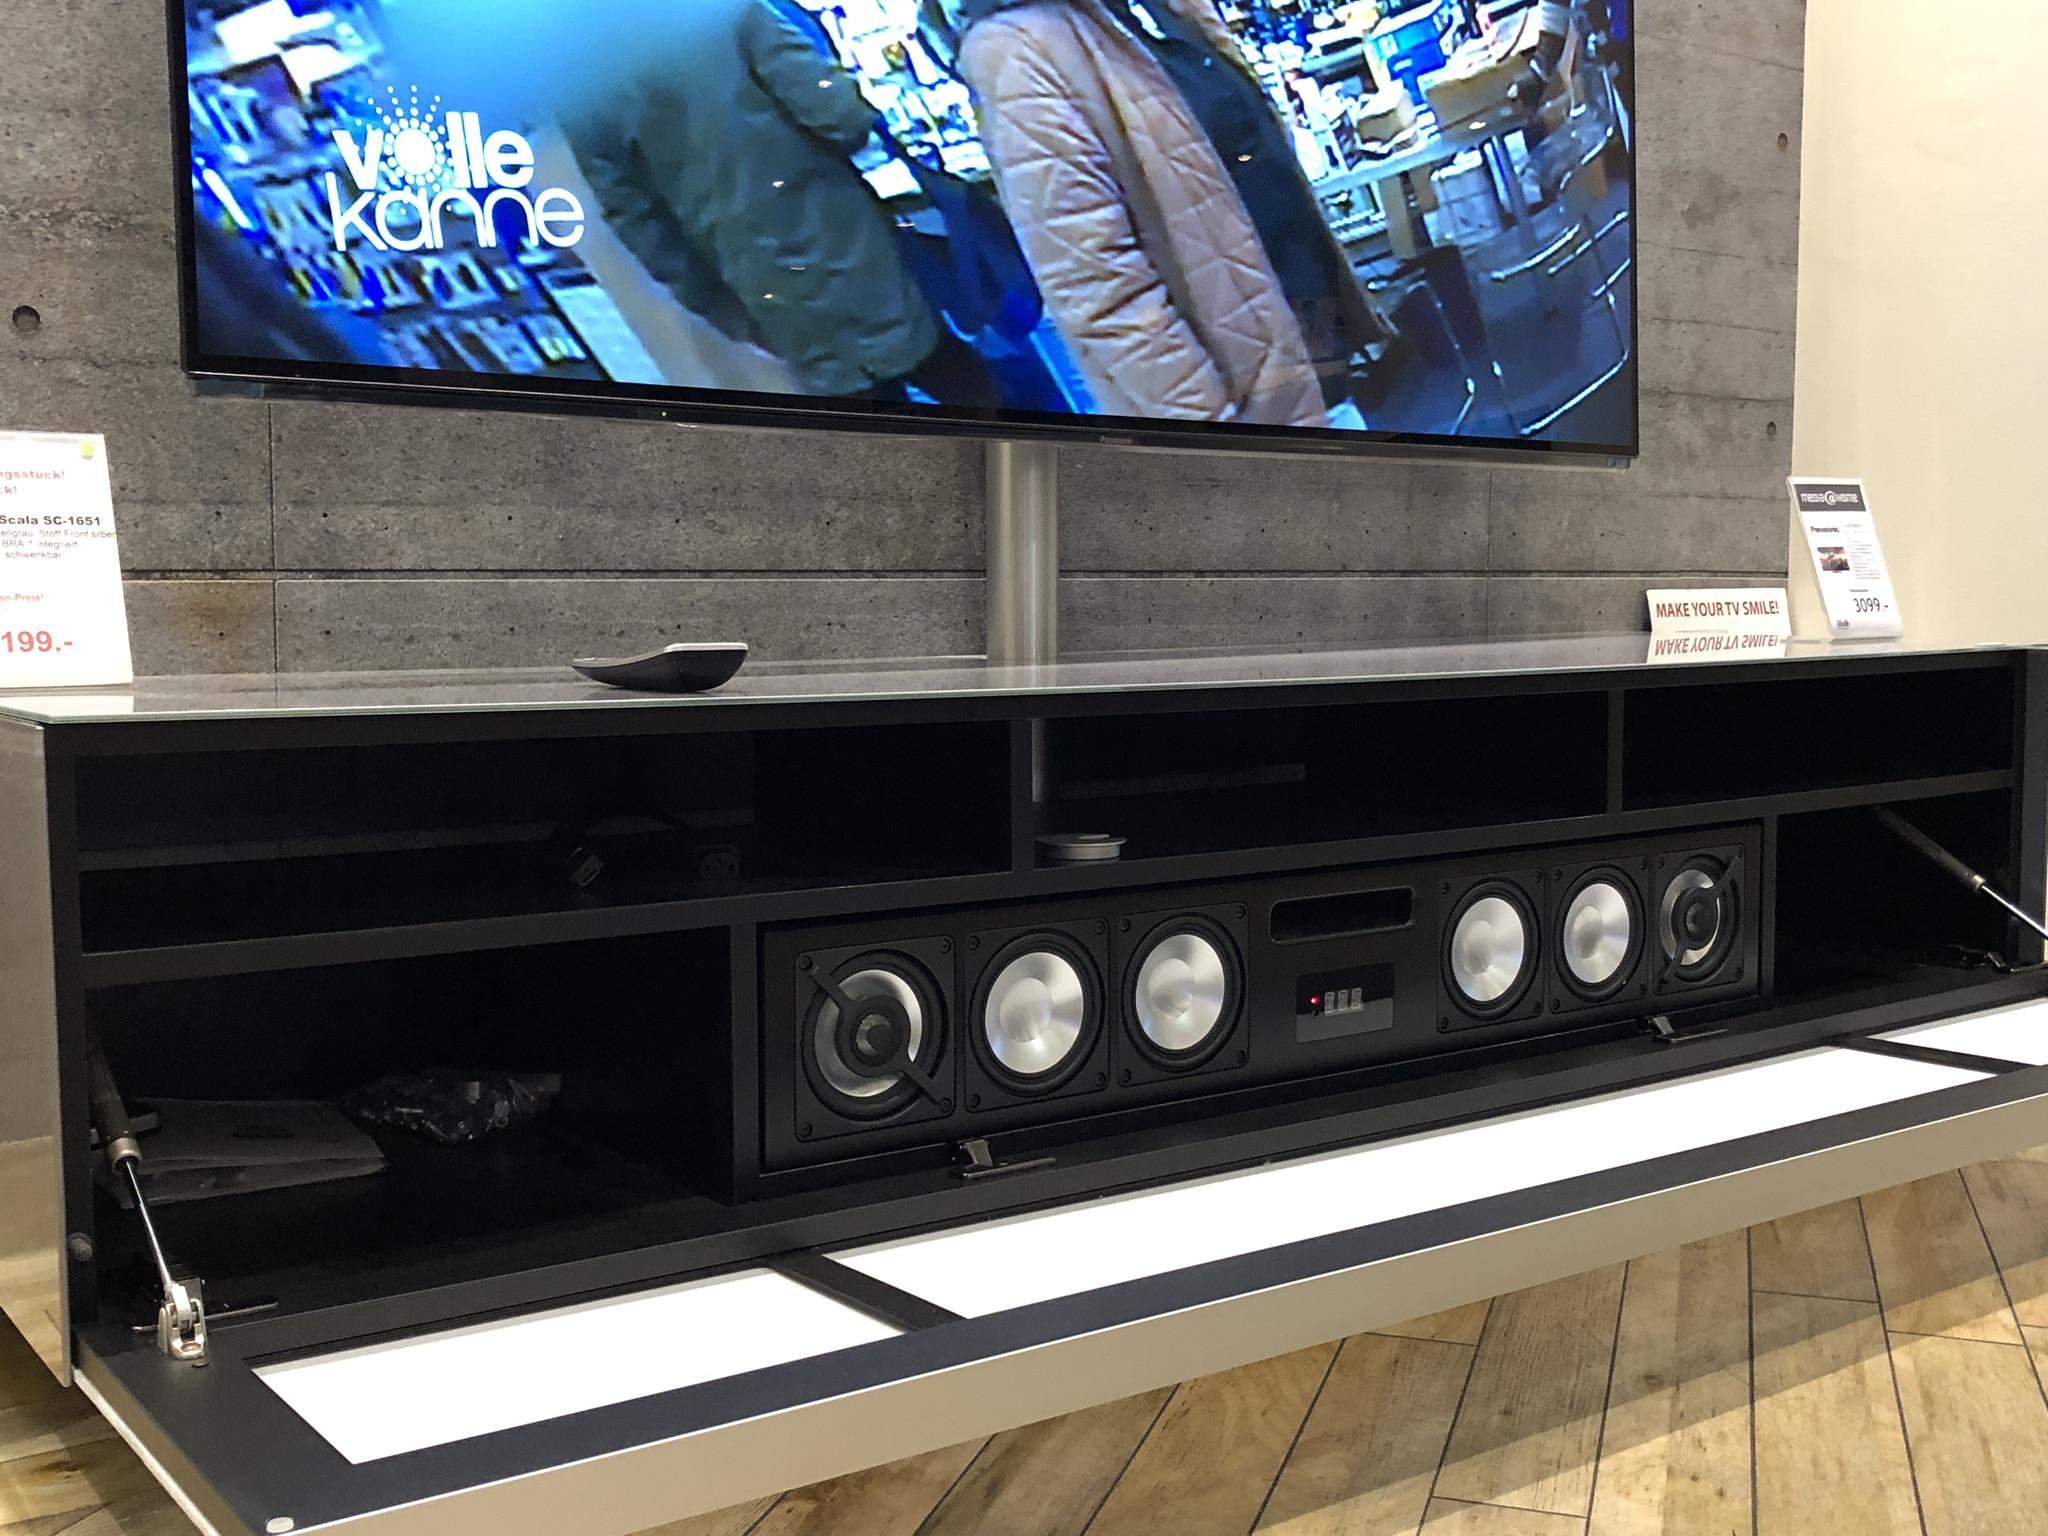 SC1651 mit BRA2 Sound-System & TV-Halterung